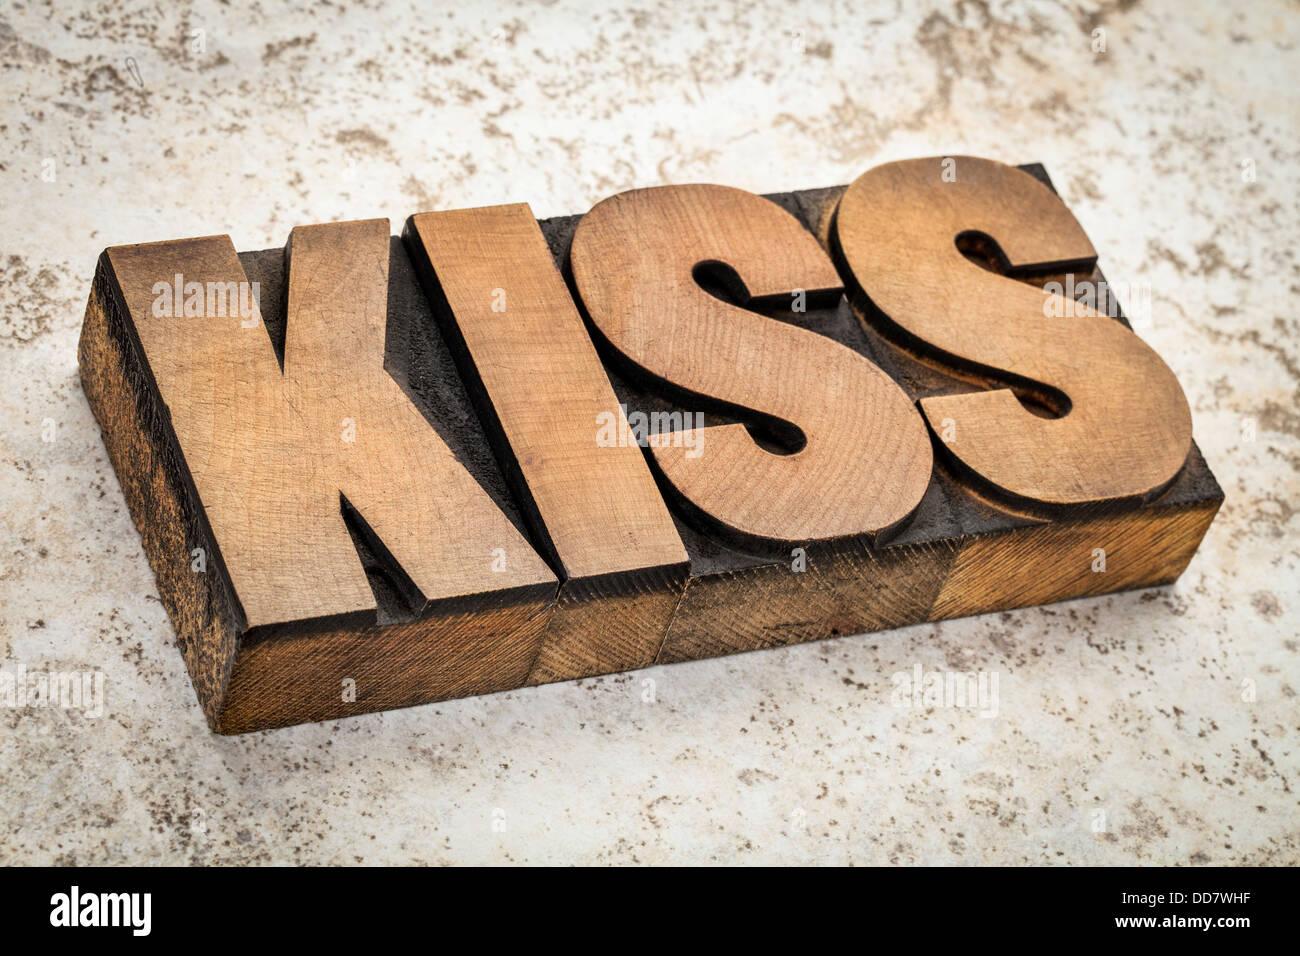 küssen, Wort oder die Abkürzung (halte es einfach blöd) im Buchdruck Holzart gegen keramische Fliesen Stockbild